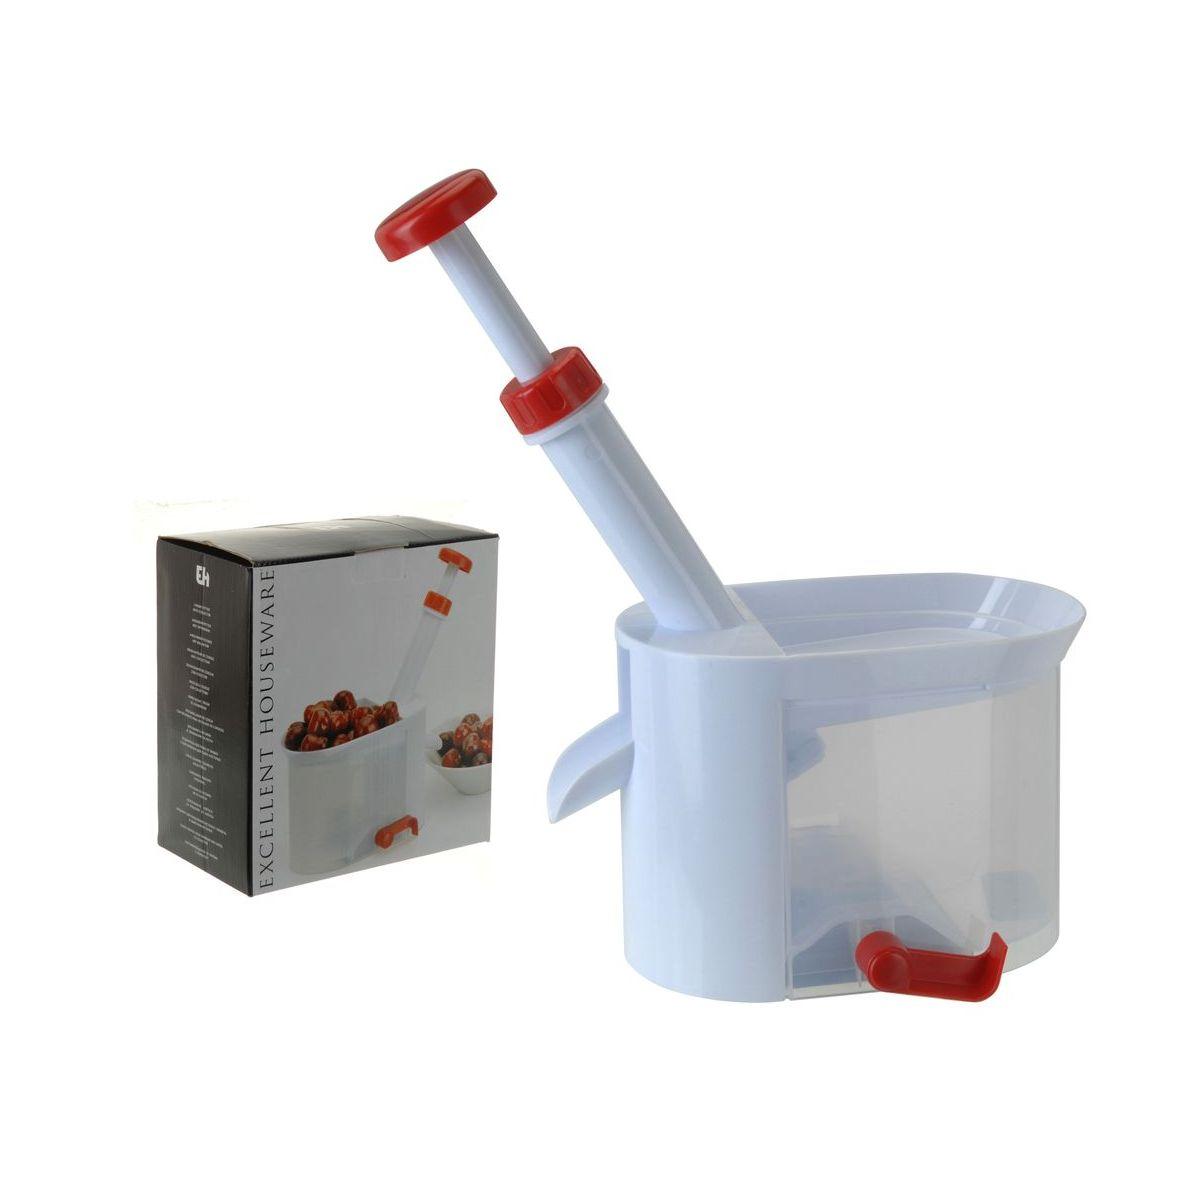 Устройство д/извлечения косточек из фруктовустройство для извлечения косточек из фруктов, разм. 20x10x22 cm<br>